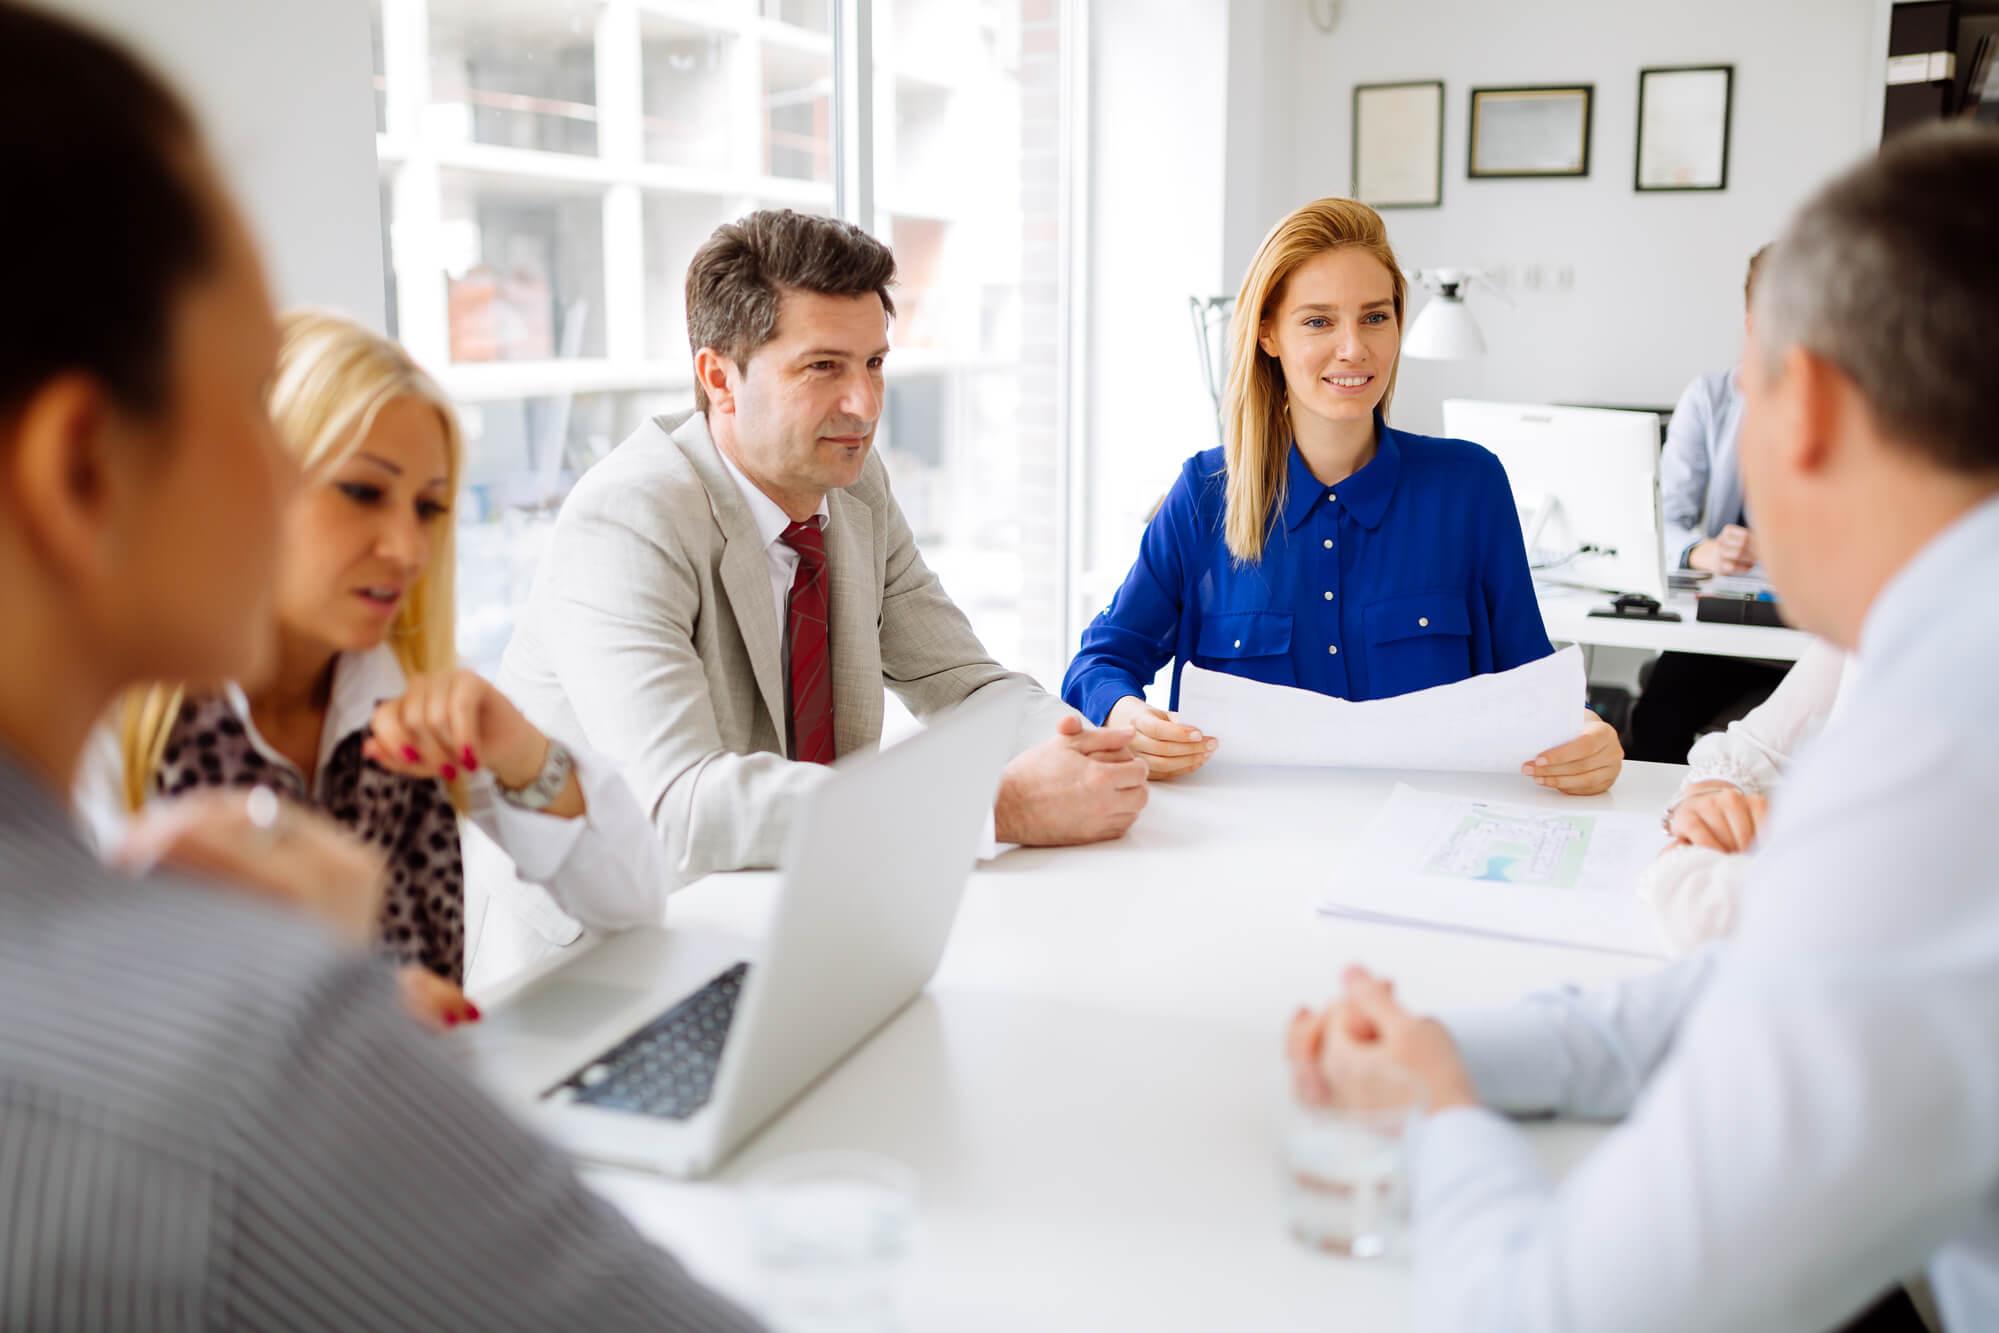 Quais os riscos de contratar uma empresa de segurança clandestina?